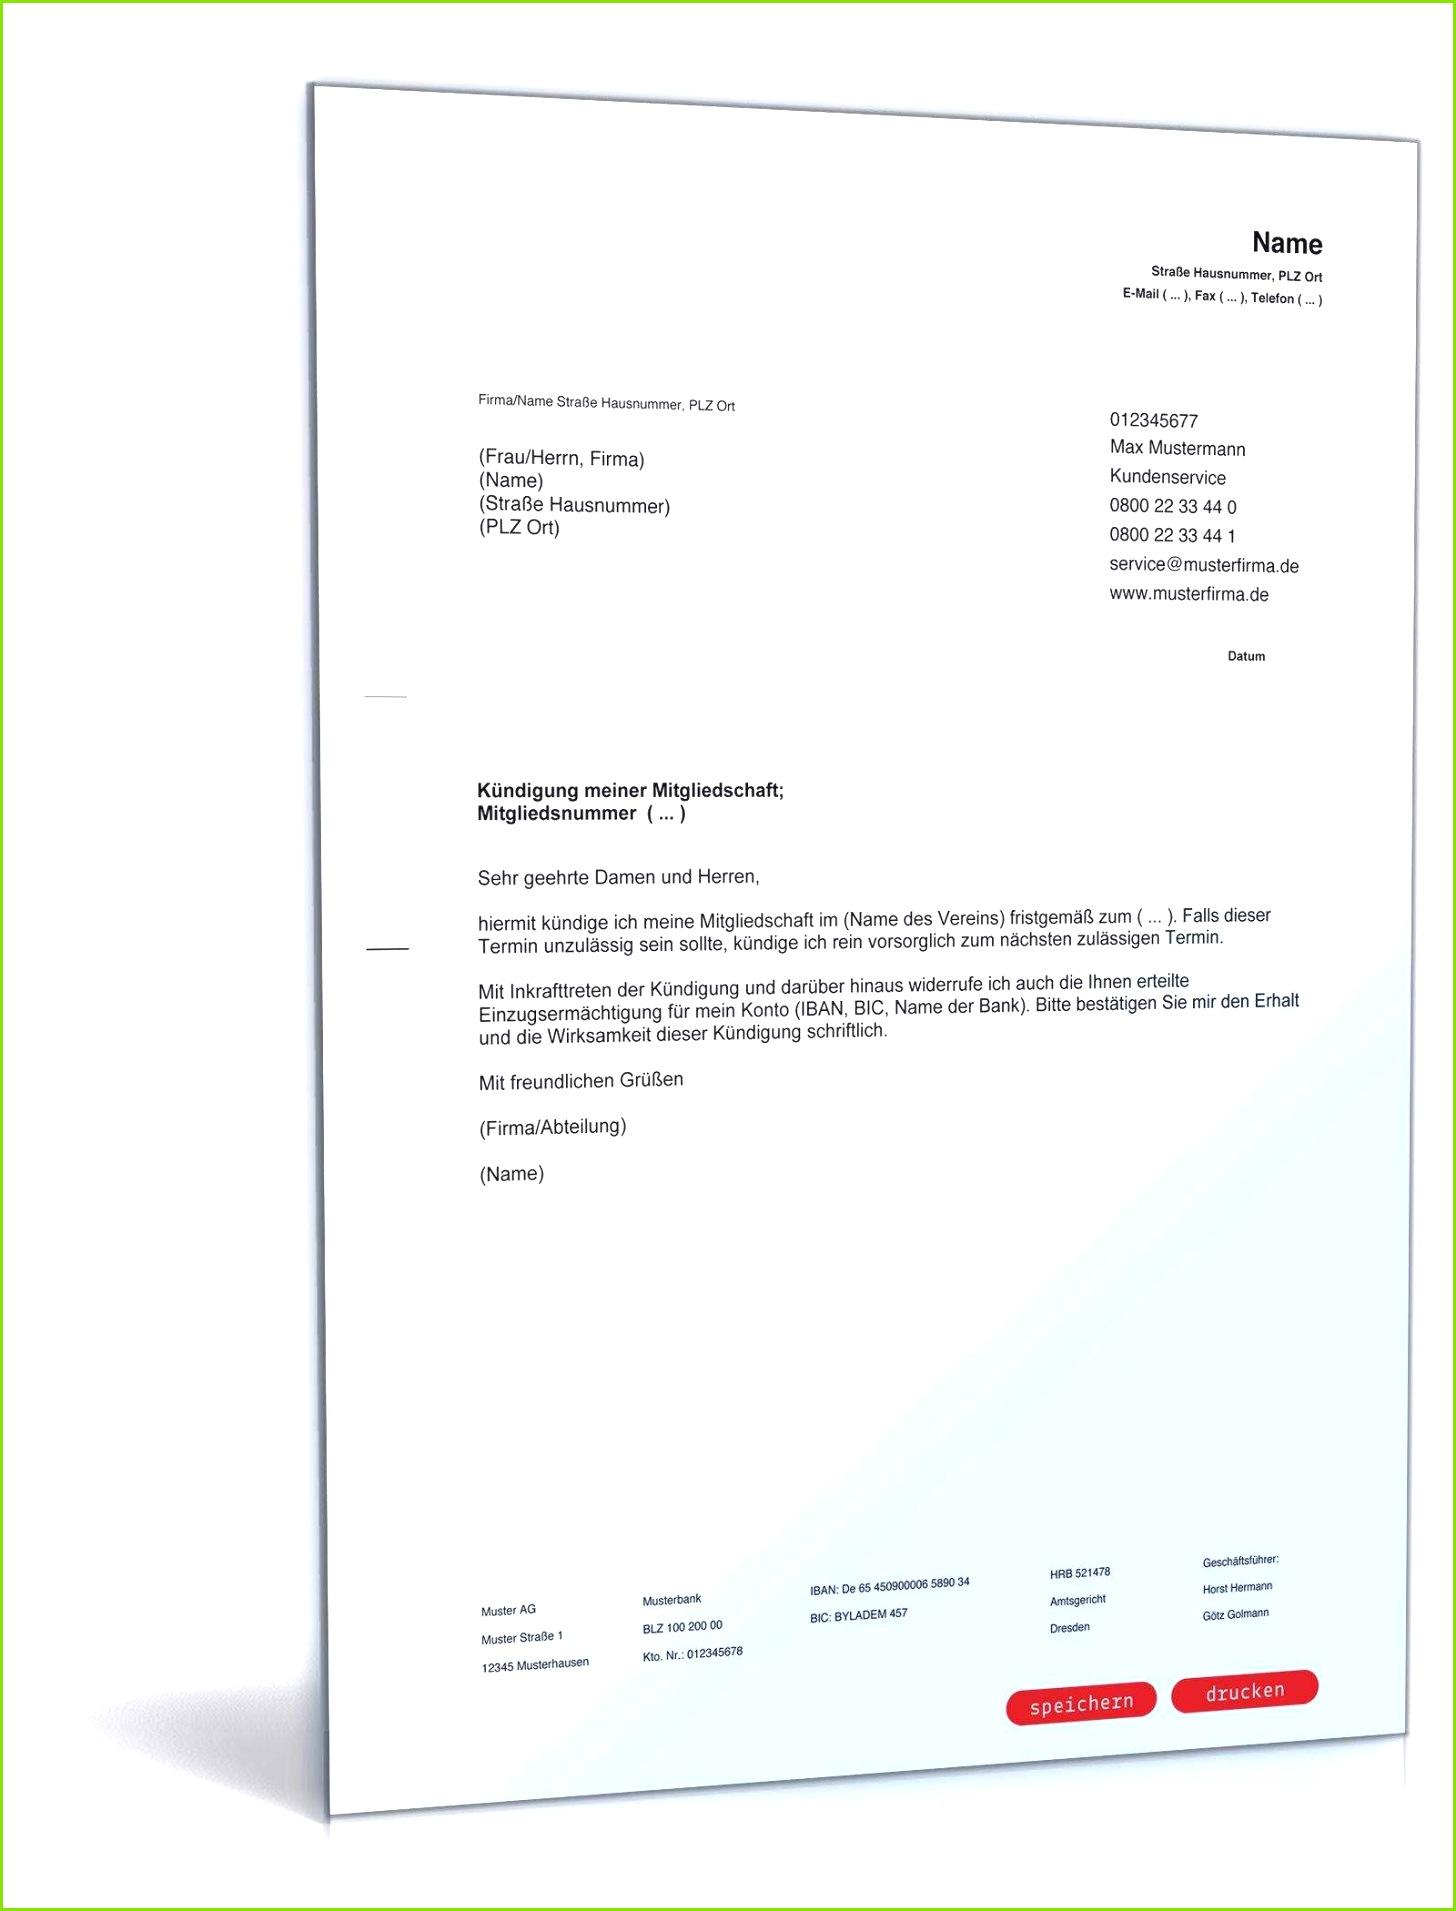 abmeldung fusballverein vorlage postkarte Abmeldung Fußballverein